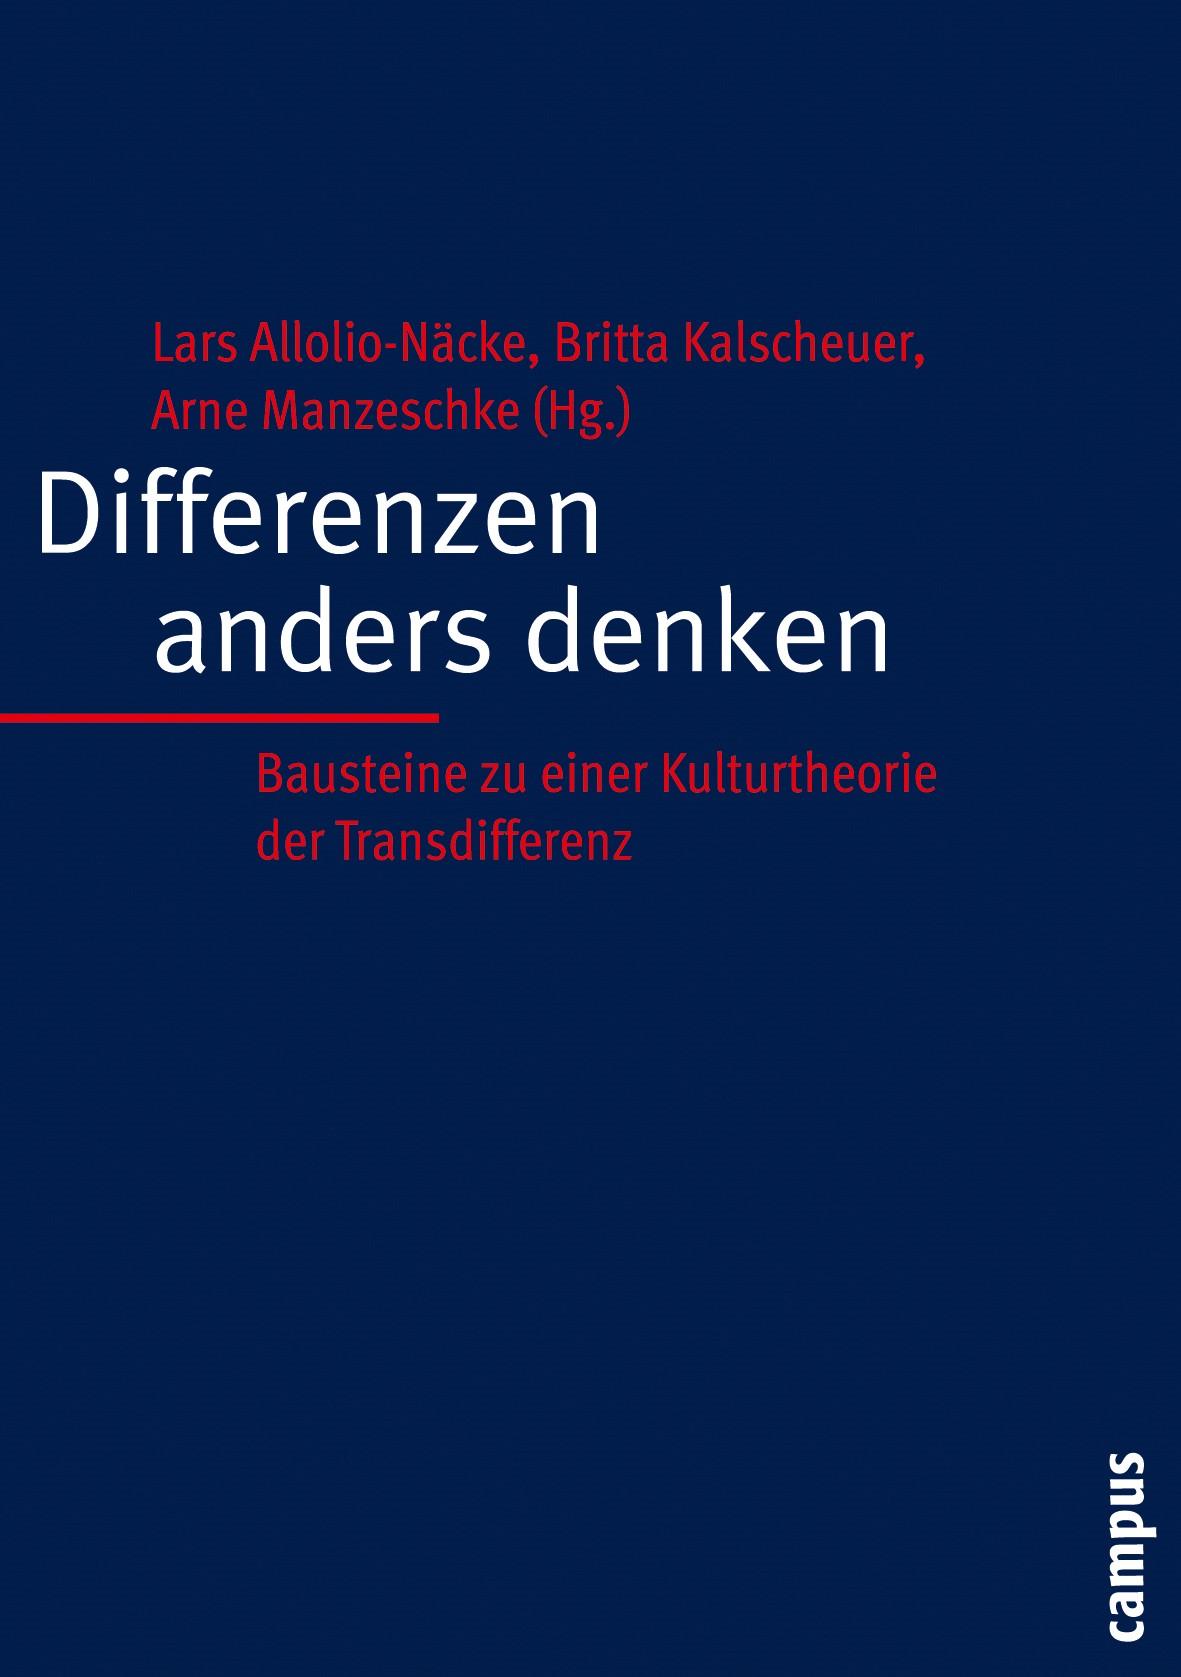 Abbildung von Allolio-Näcke / Kalscheuer / Manzeschke | Differenzen anders denken | 2005